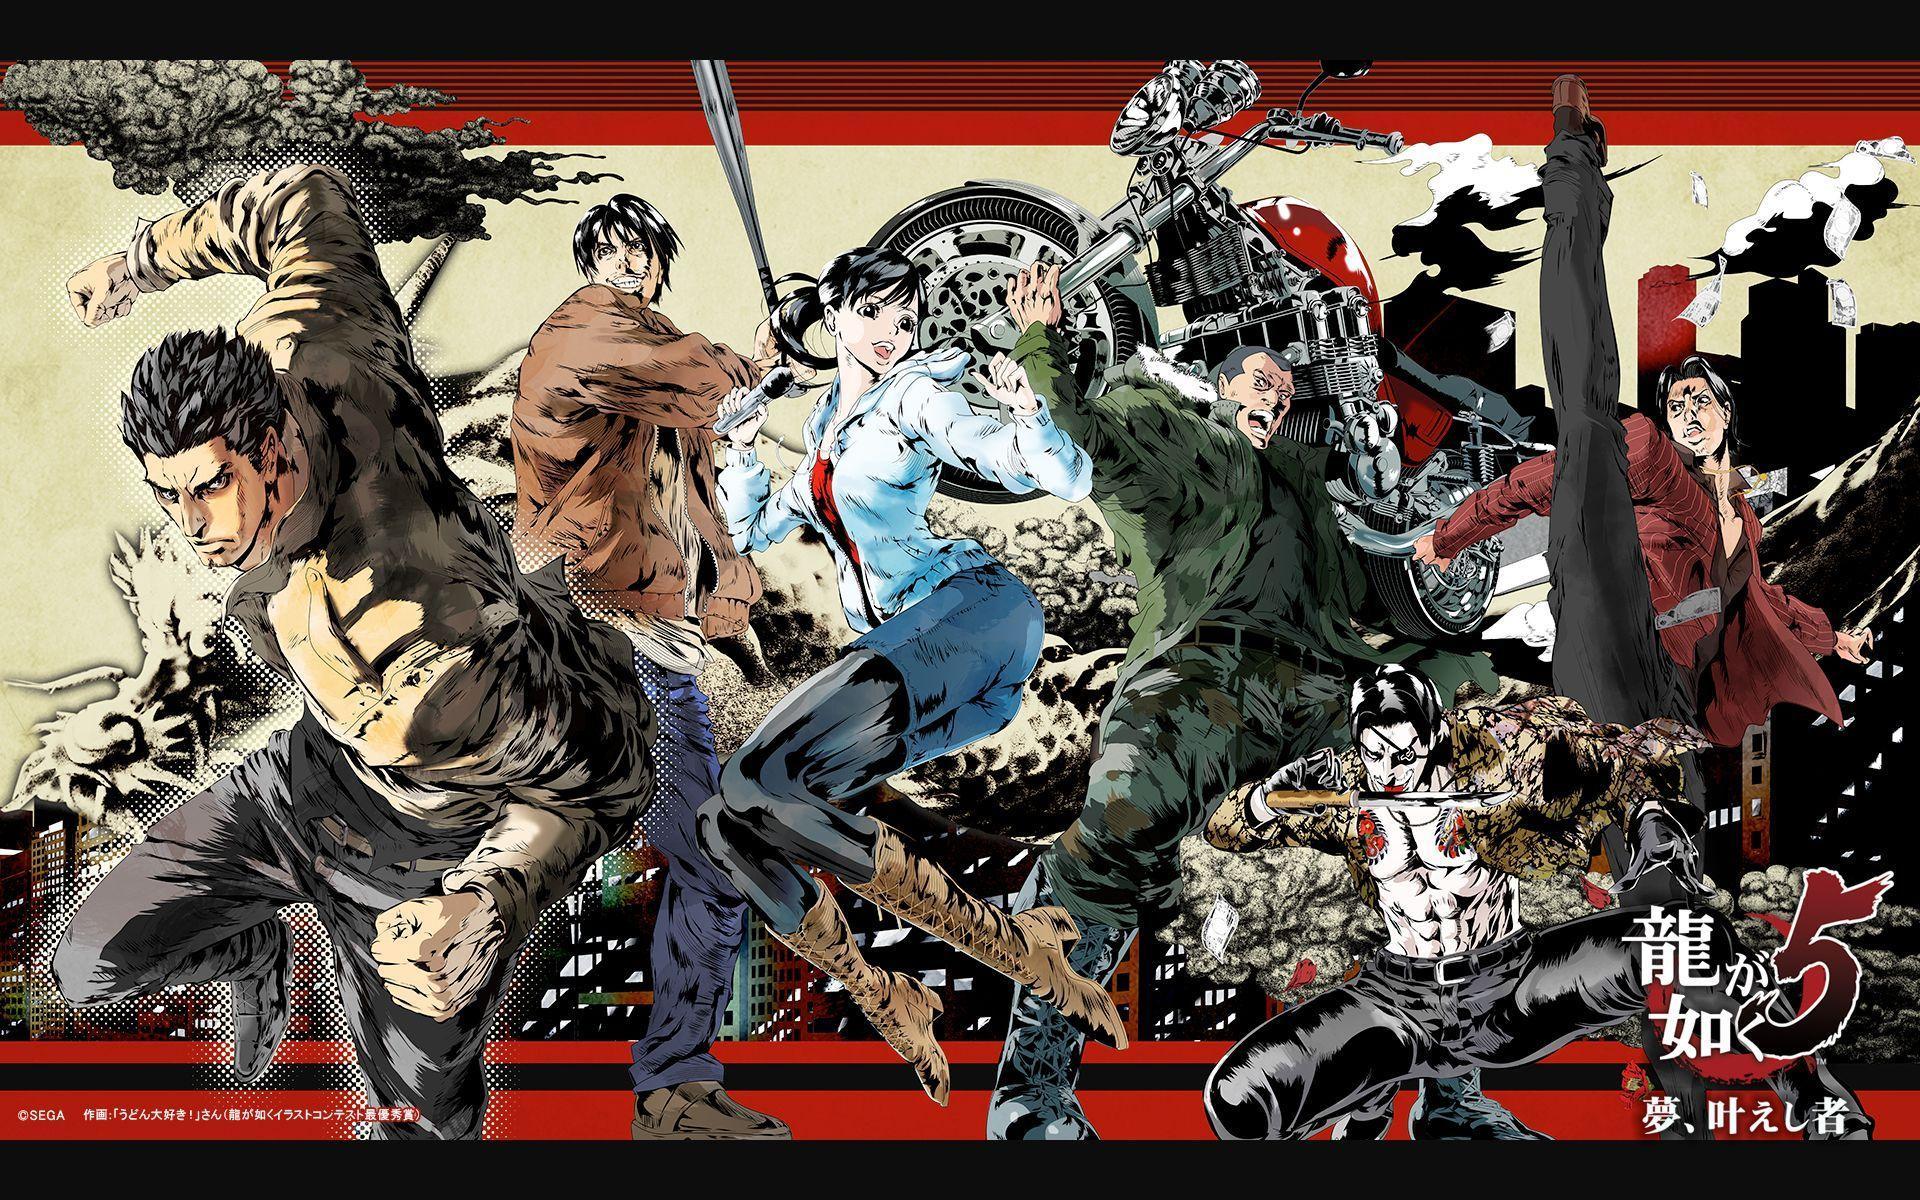 Japanese Yakuza Art Wallpapers Top Free Japanese Yakuza Art Backgrounds Wallpaperaccess